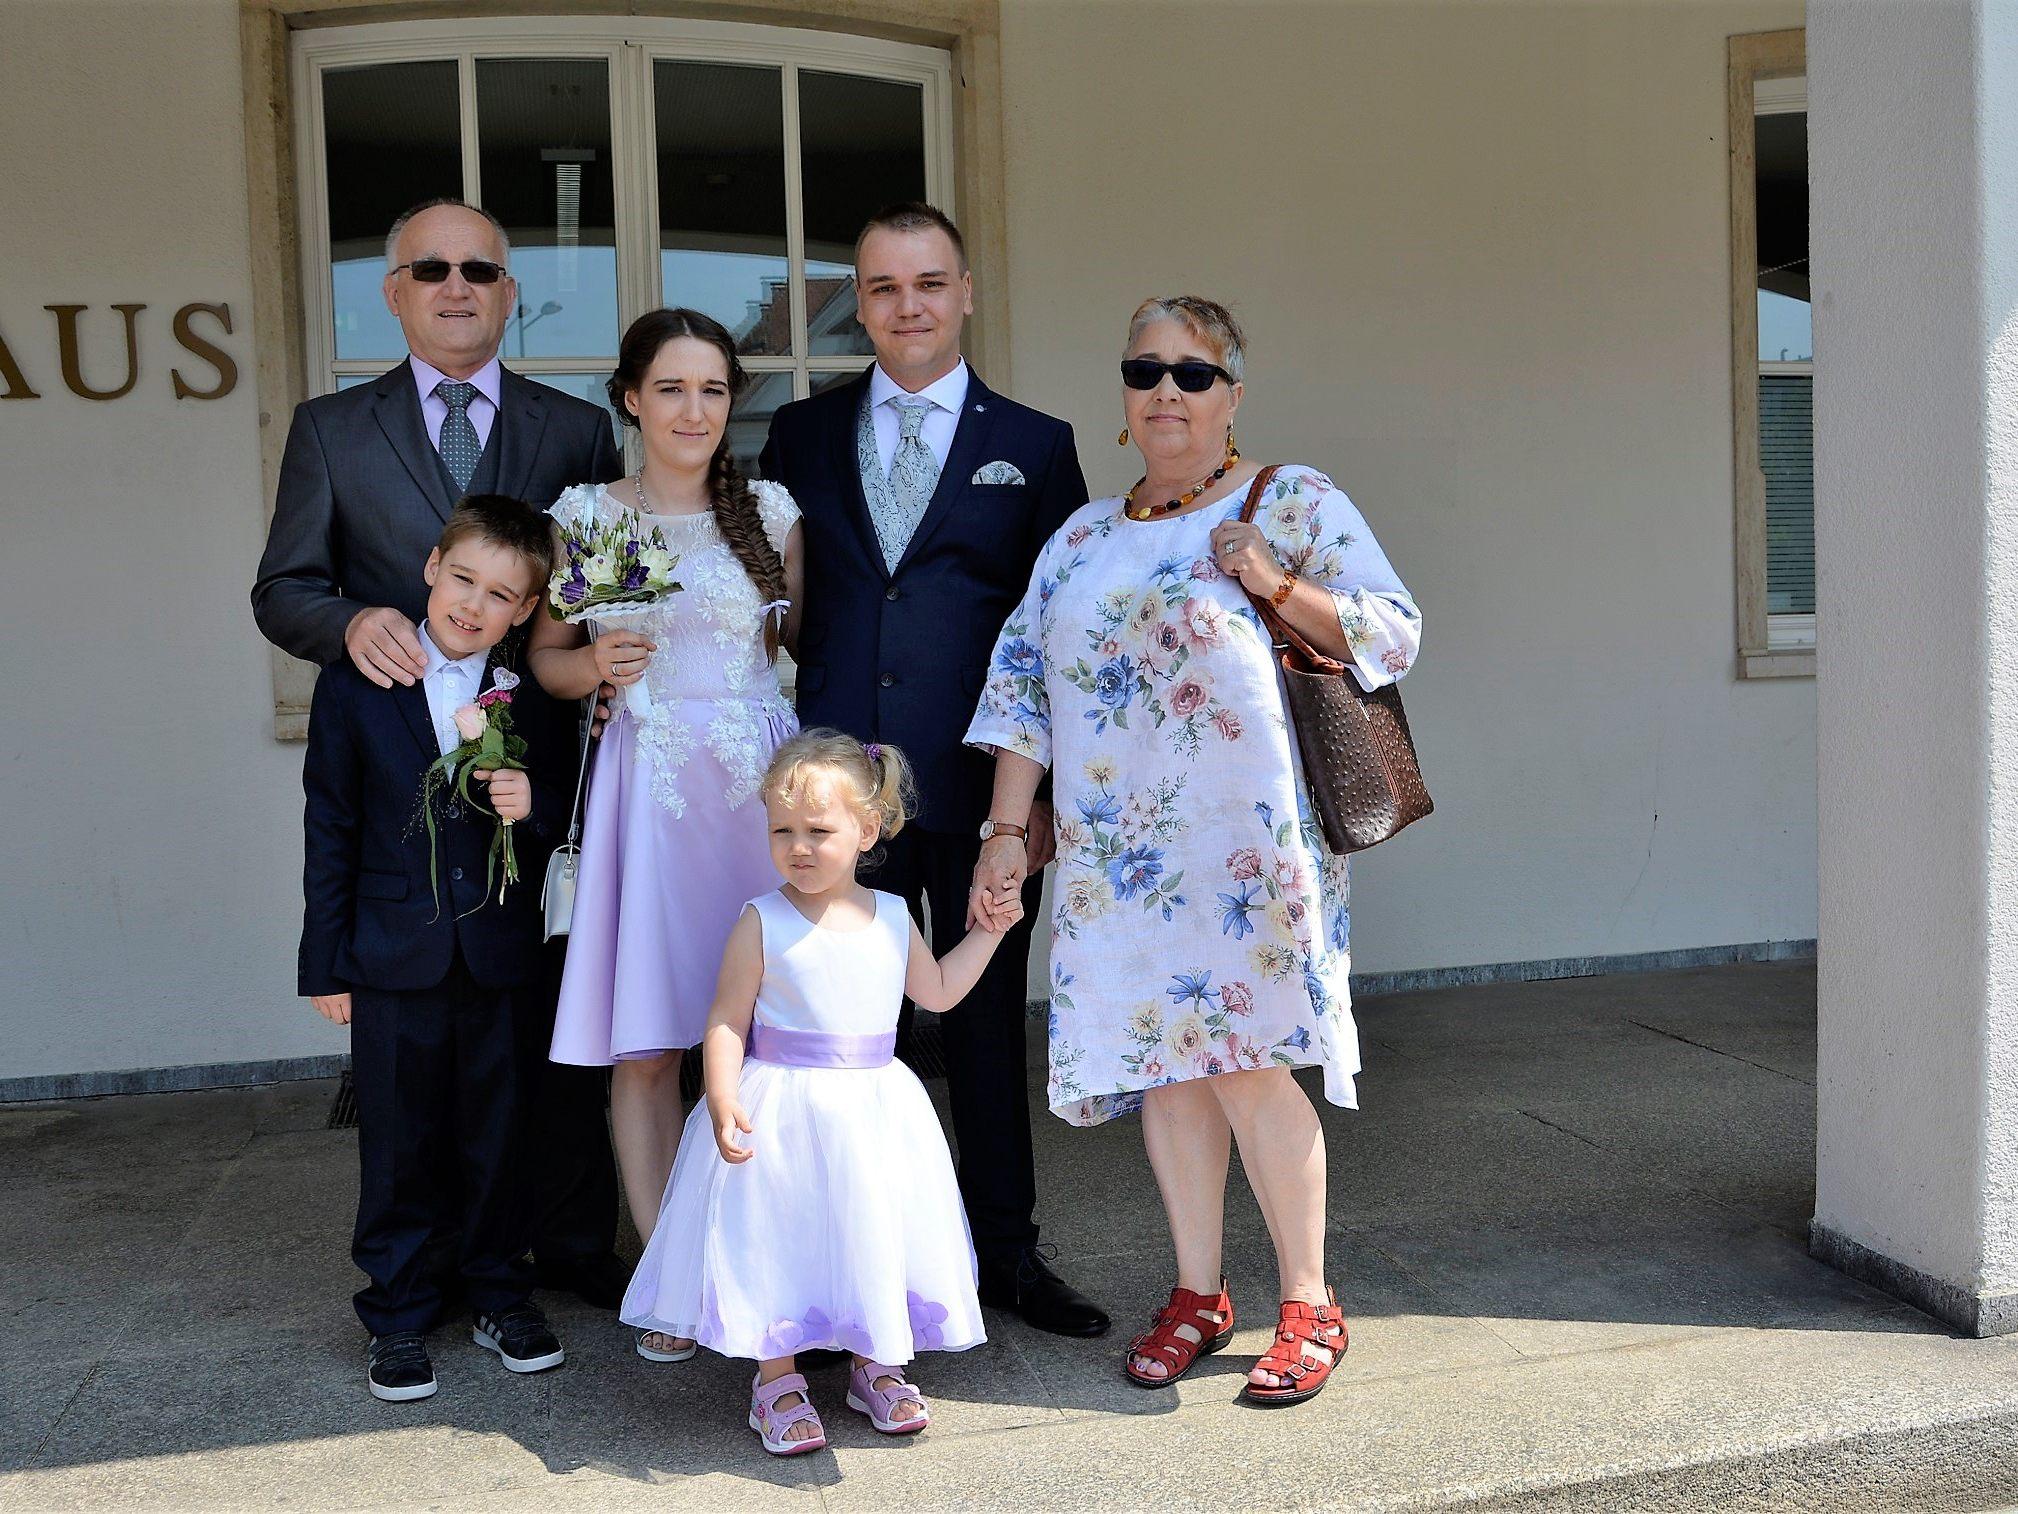 Hochzeit von Simone Mößlacher und René Csuk - Dornbirn | VOL.AT